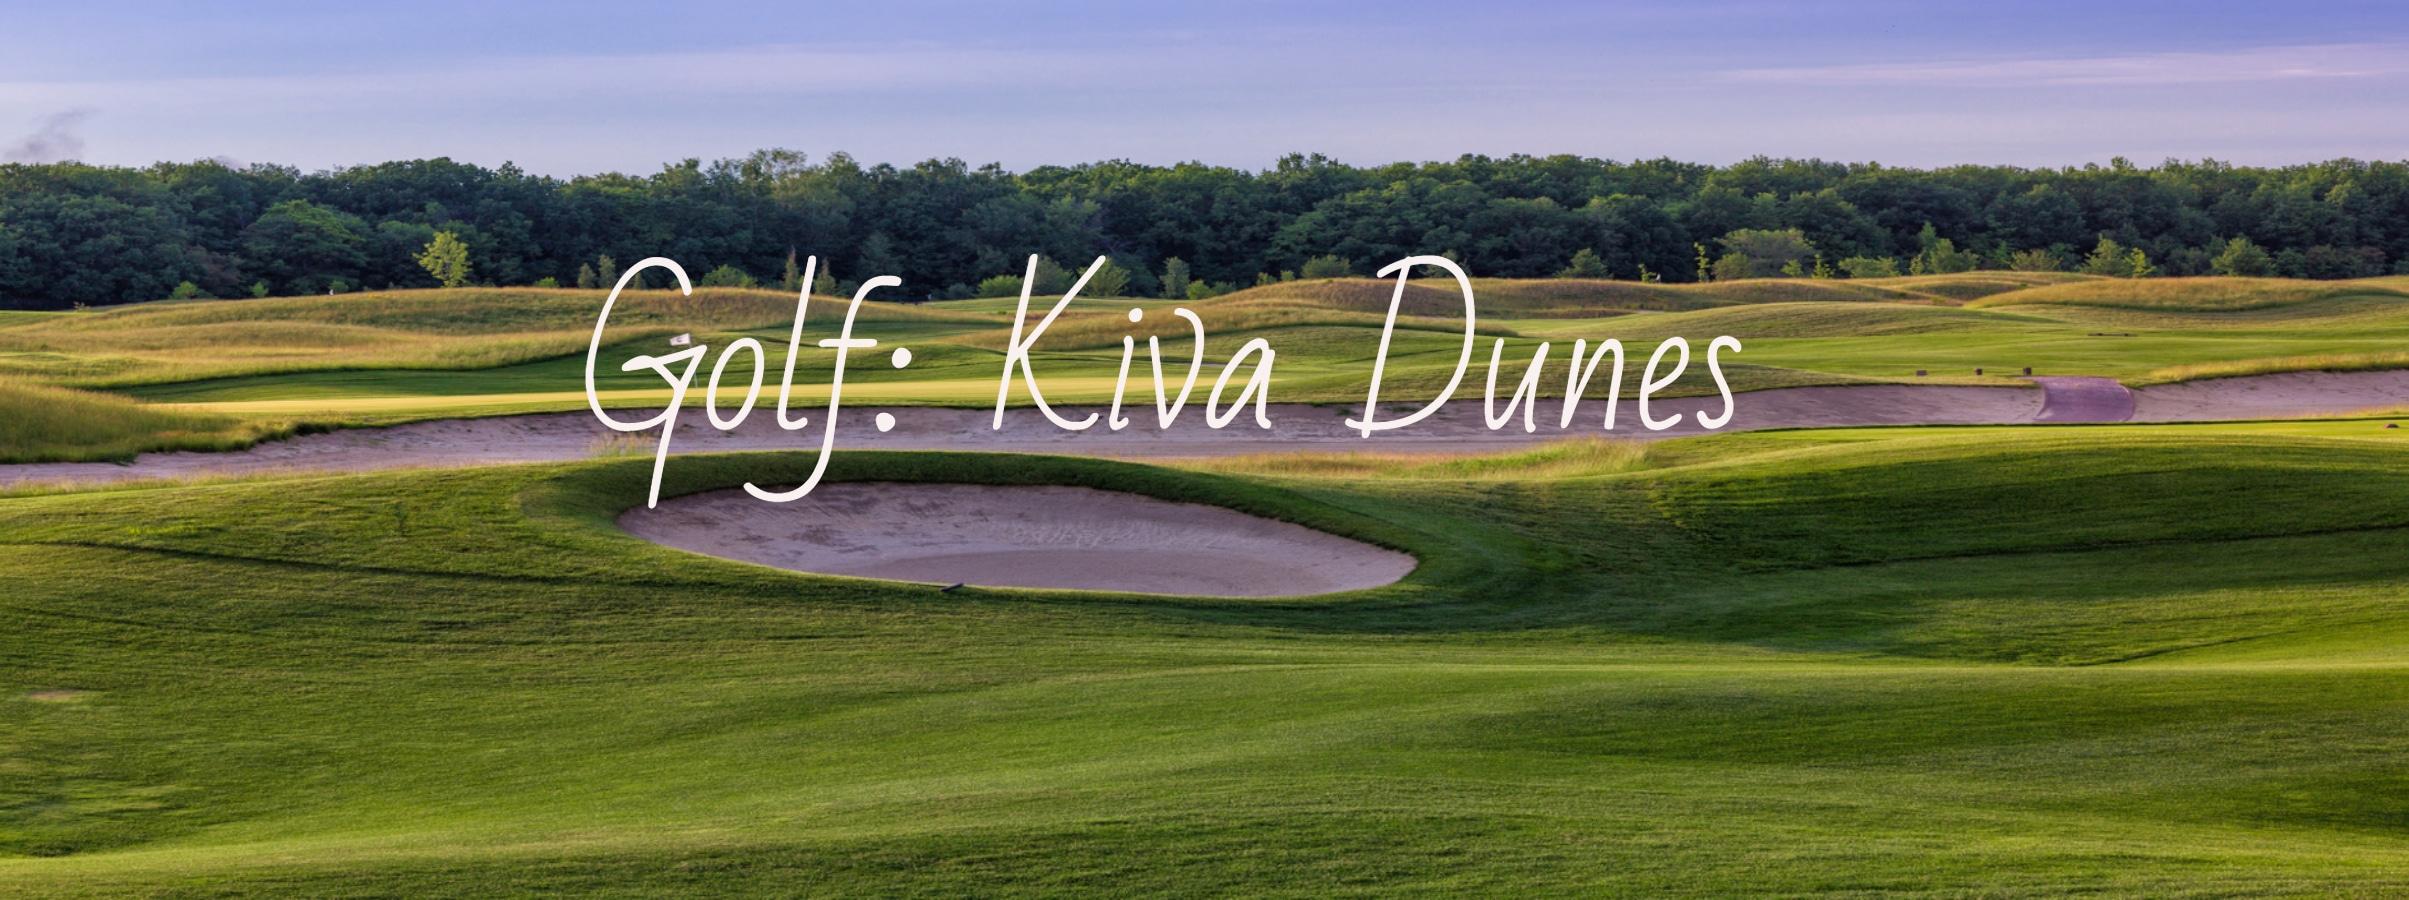 Kiva Dunes Alabama